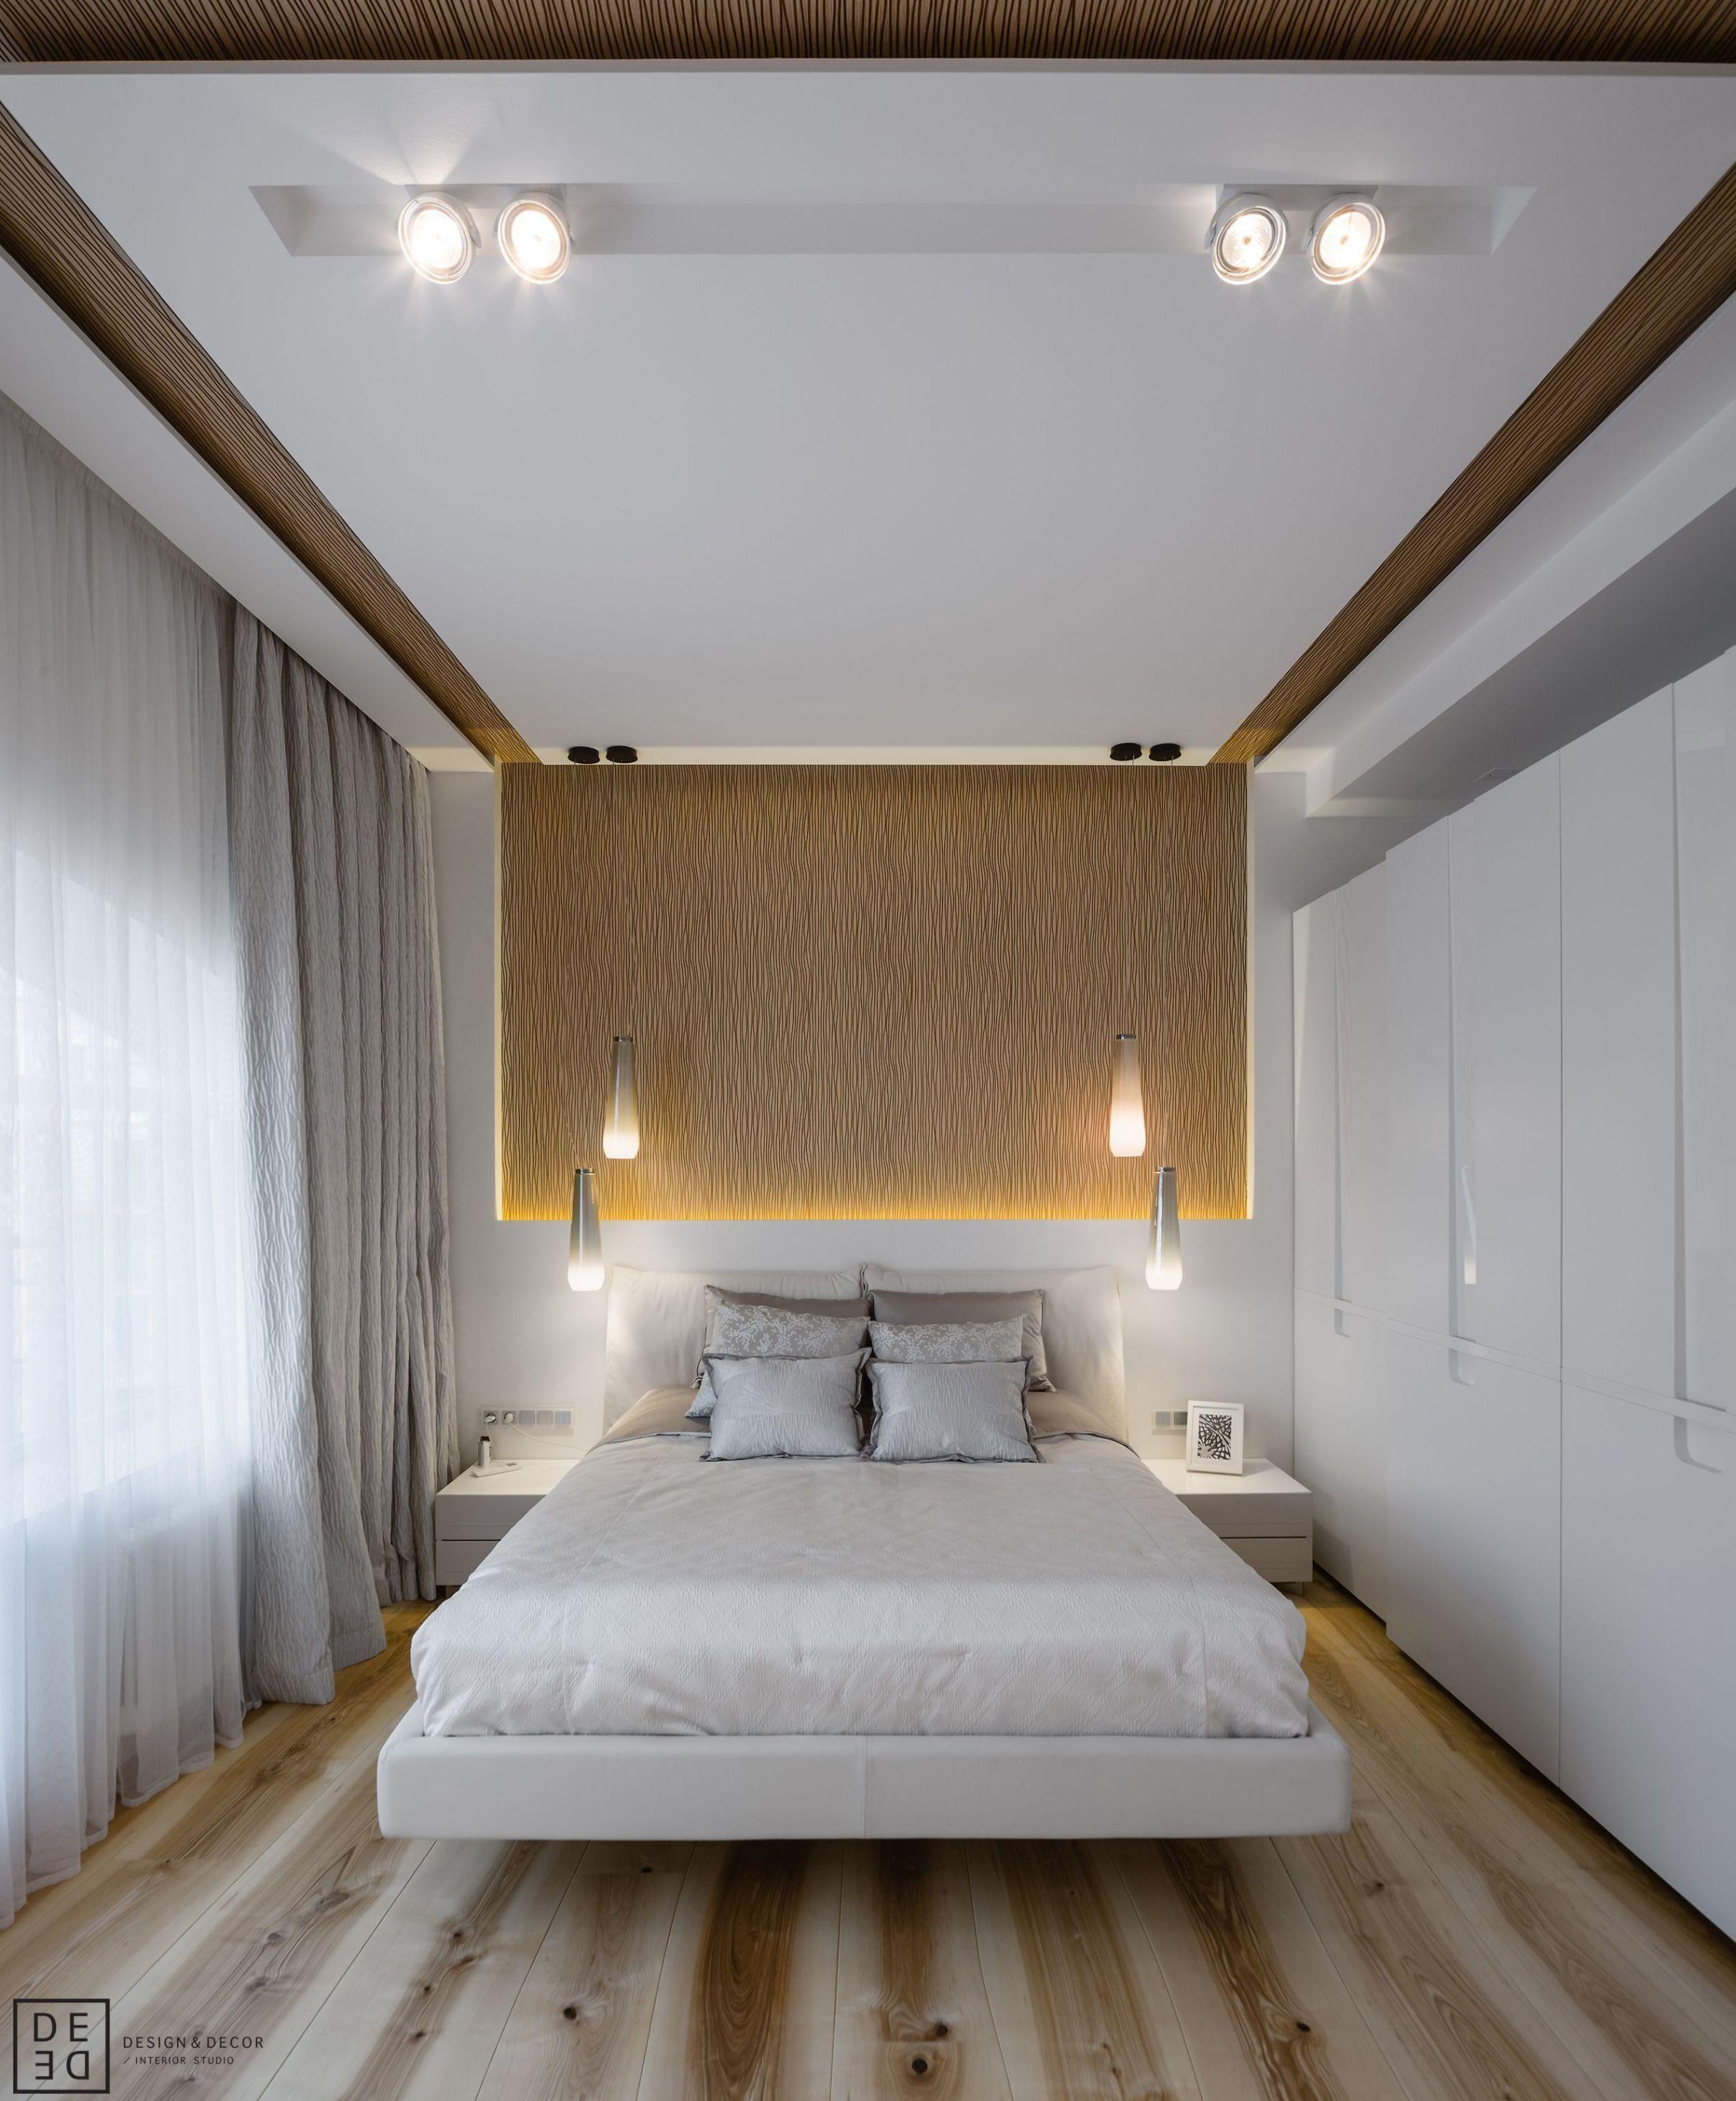 Ceiling Design In Your Bedroom 20 - toboto.net | Desain ...